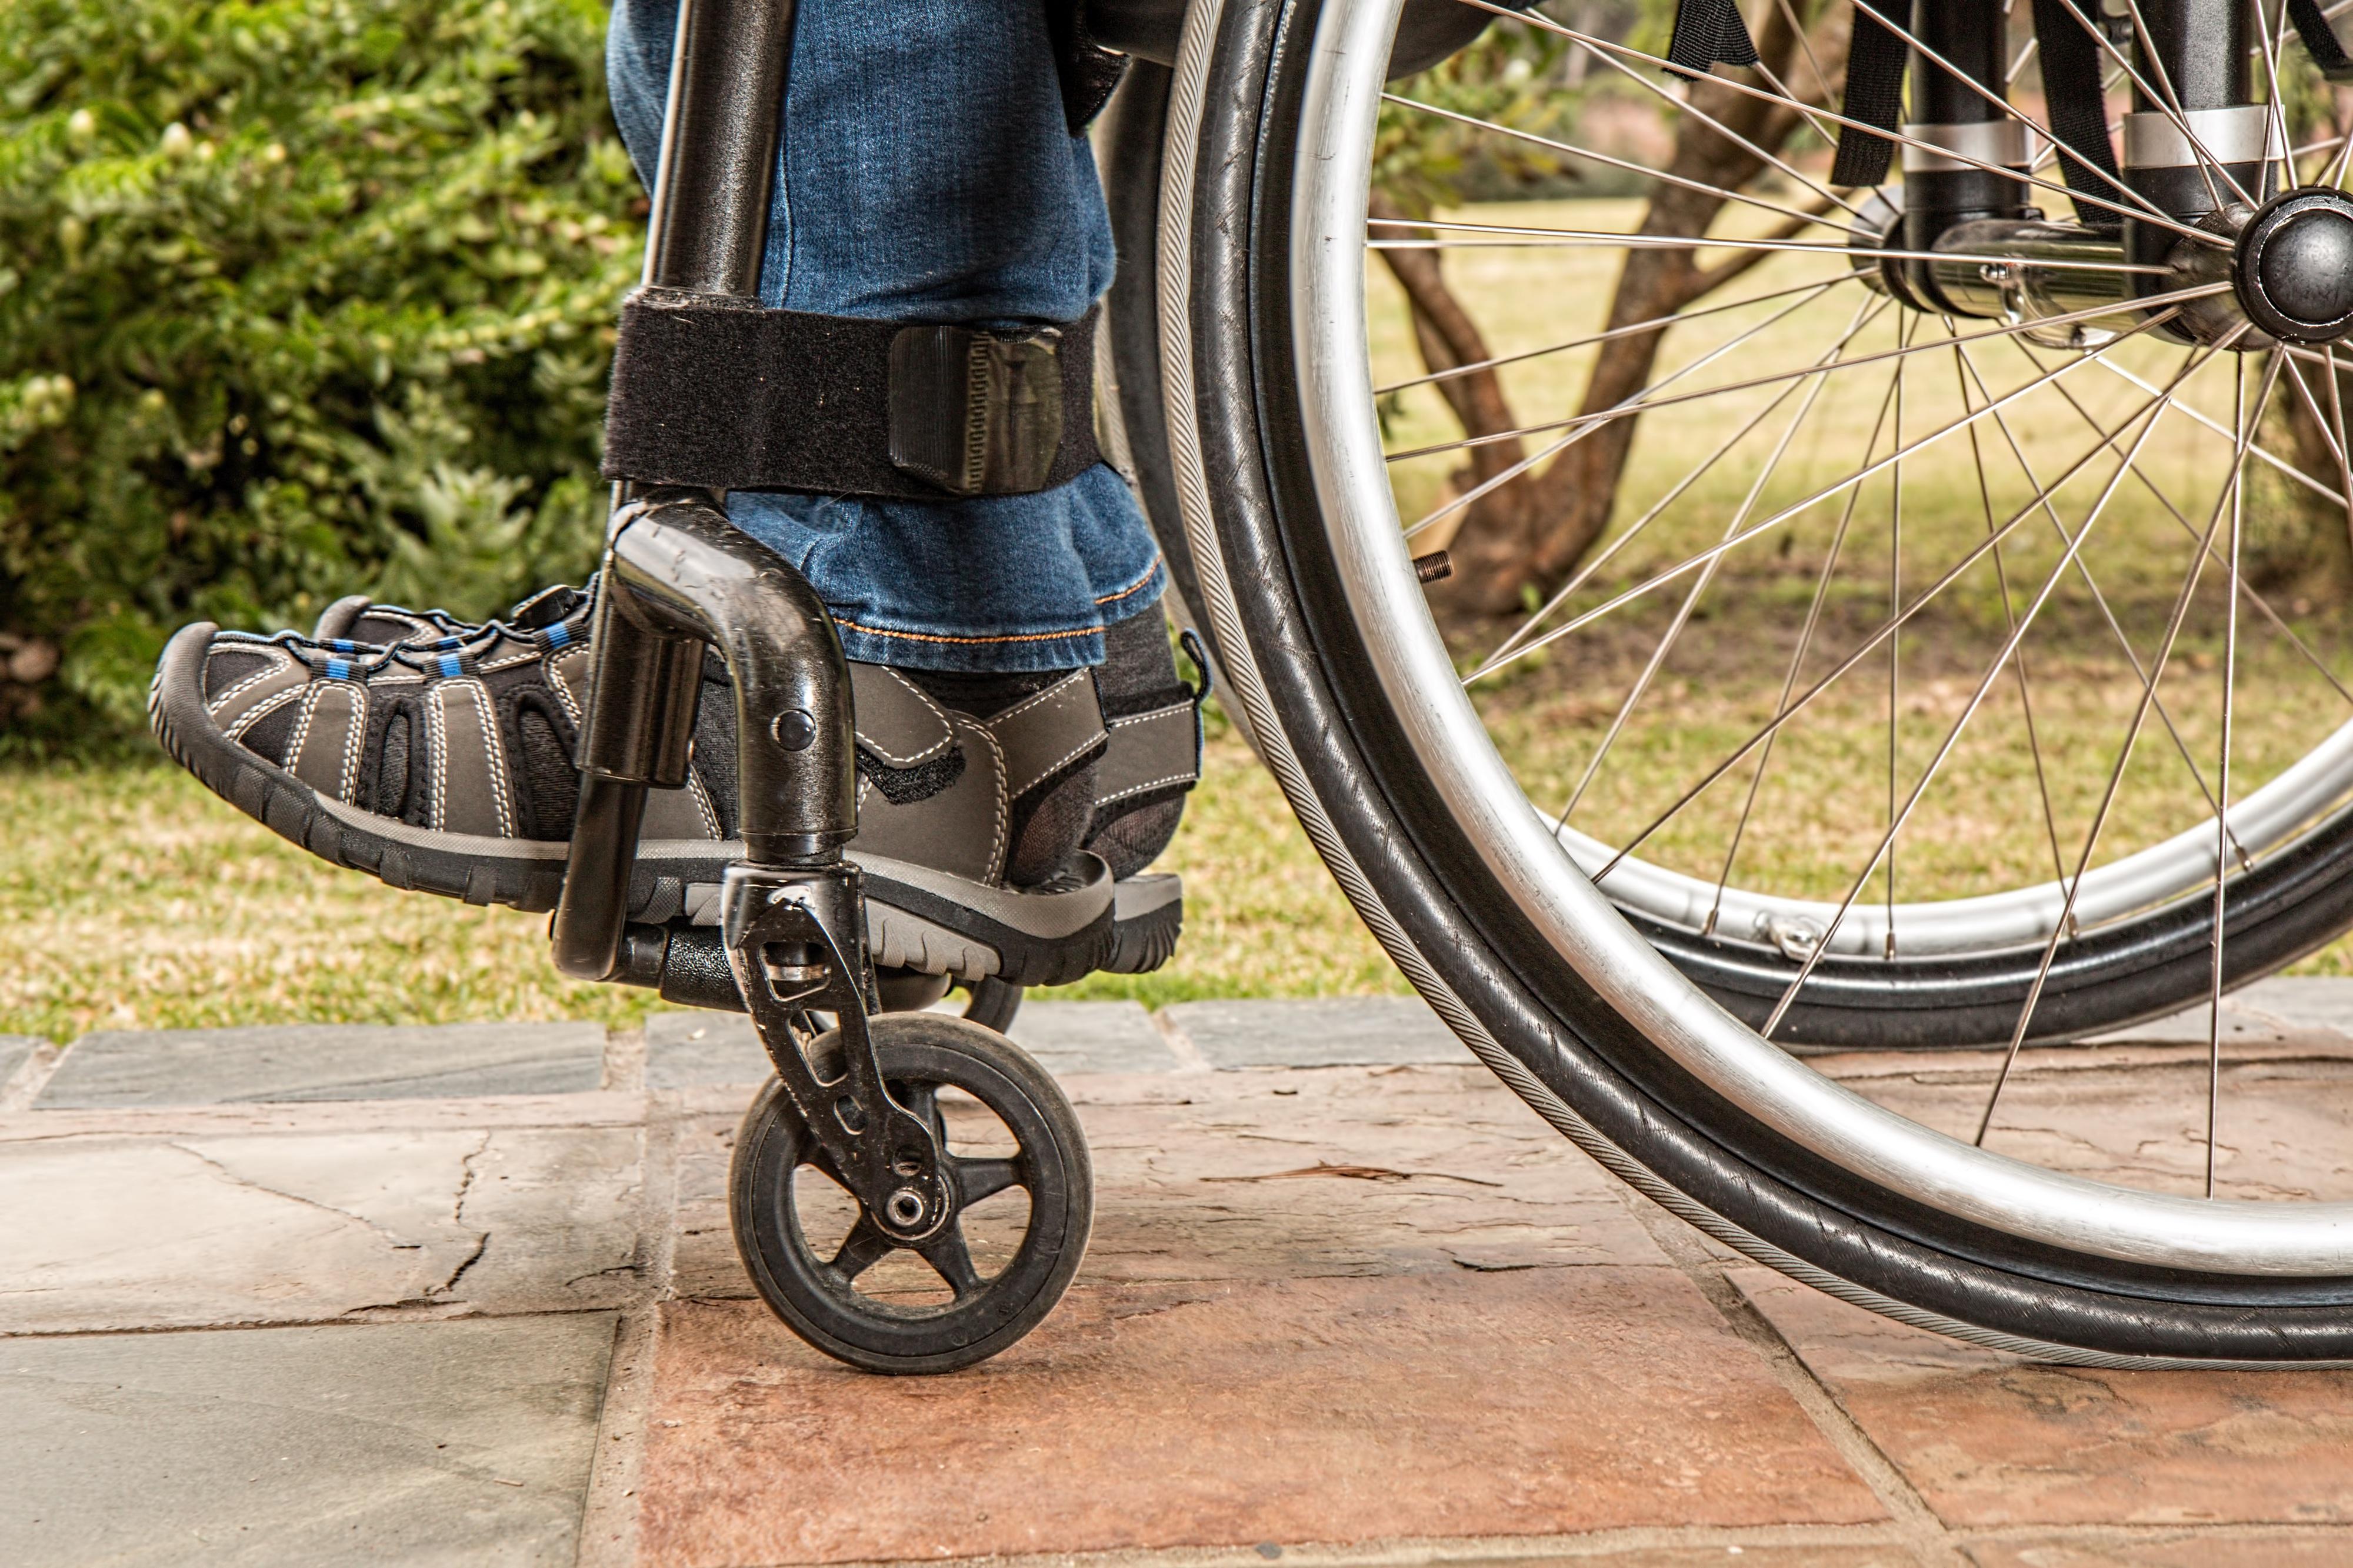 Cidadãos com deficiência apresentaram 911 queixas por discriminação em 2018